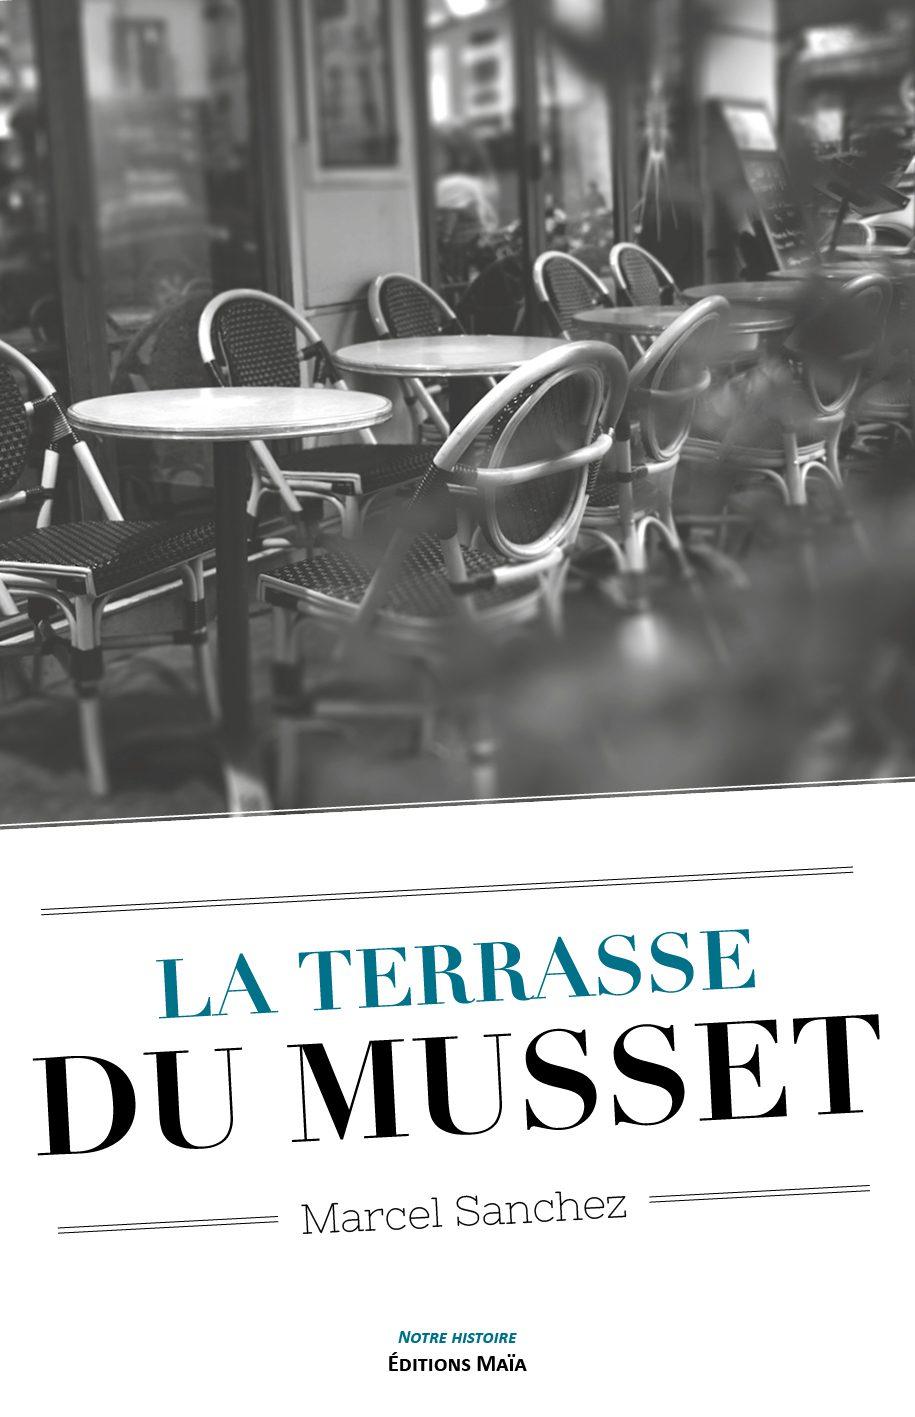 Entretien avec Marcel Sanchez – La terrasse du Musset